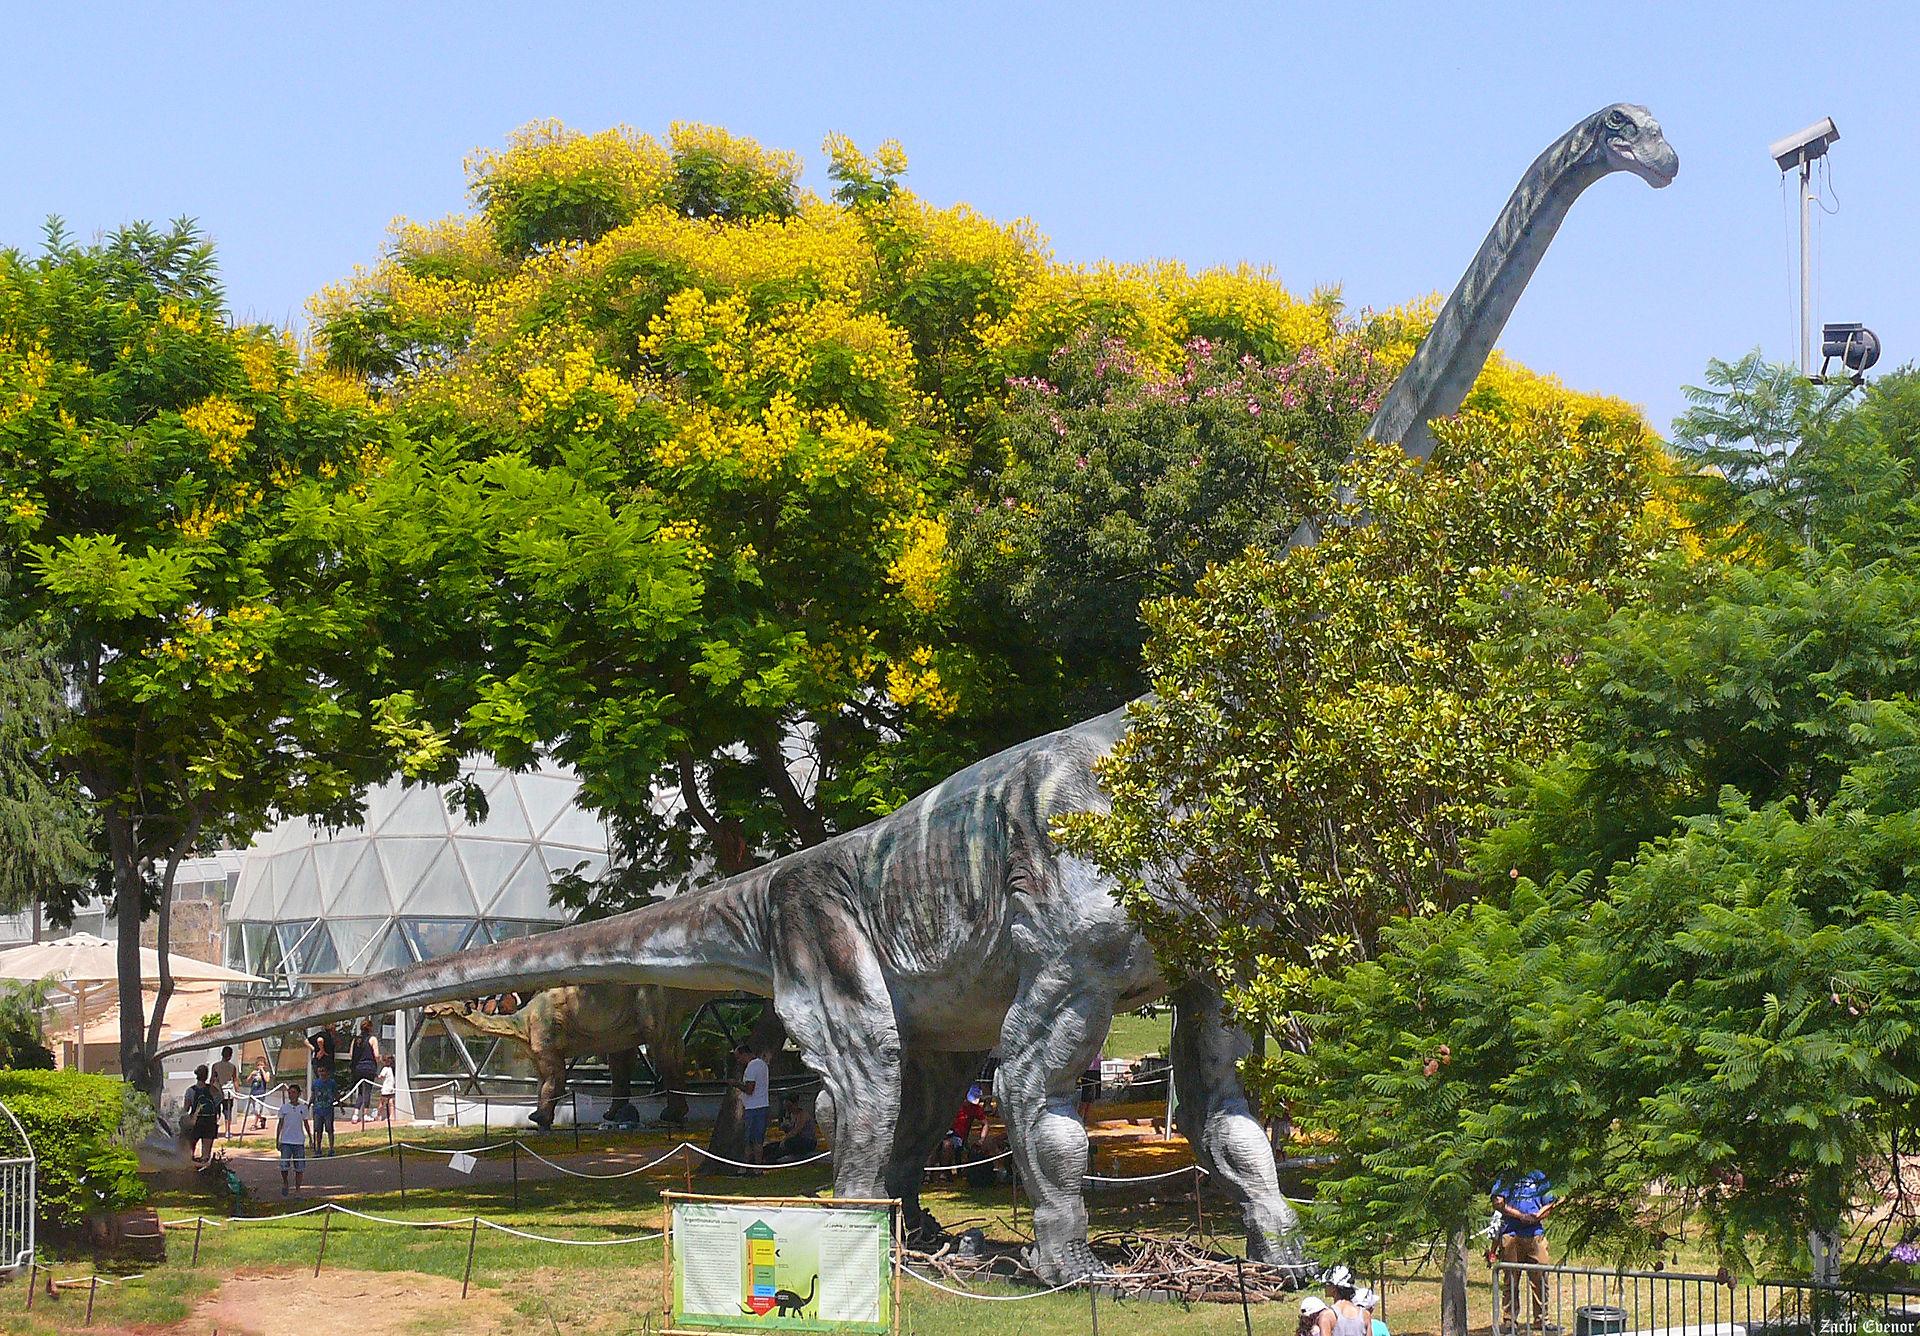 Model obřího titanosaurního sauropoda druhu Argentinosaurus huinculensis téměř v životní velikosti. Počítačový model lokomoce tohoto obřího dinosaura ukázal, že se i přes svou osmdesátitunovou hmotnost dokázal pohybovat překvapivě svižně – rychlostí